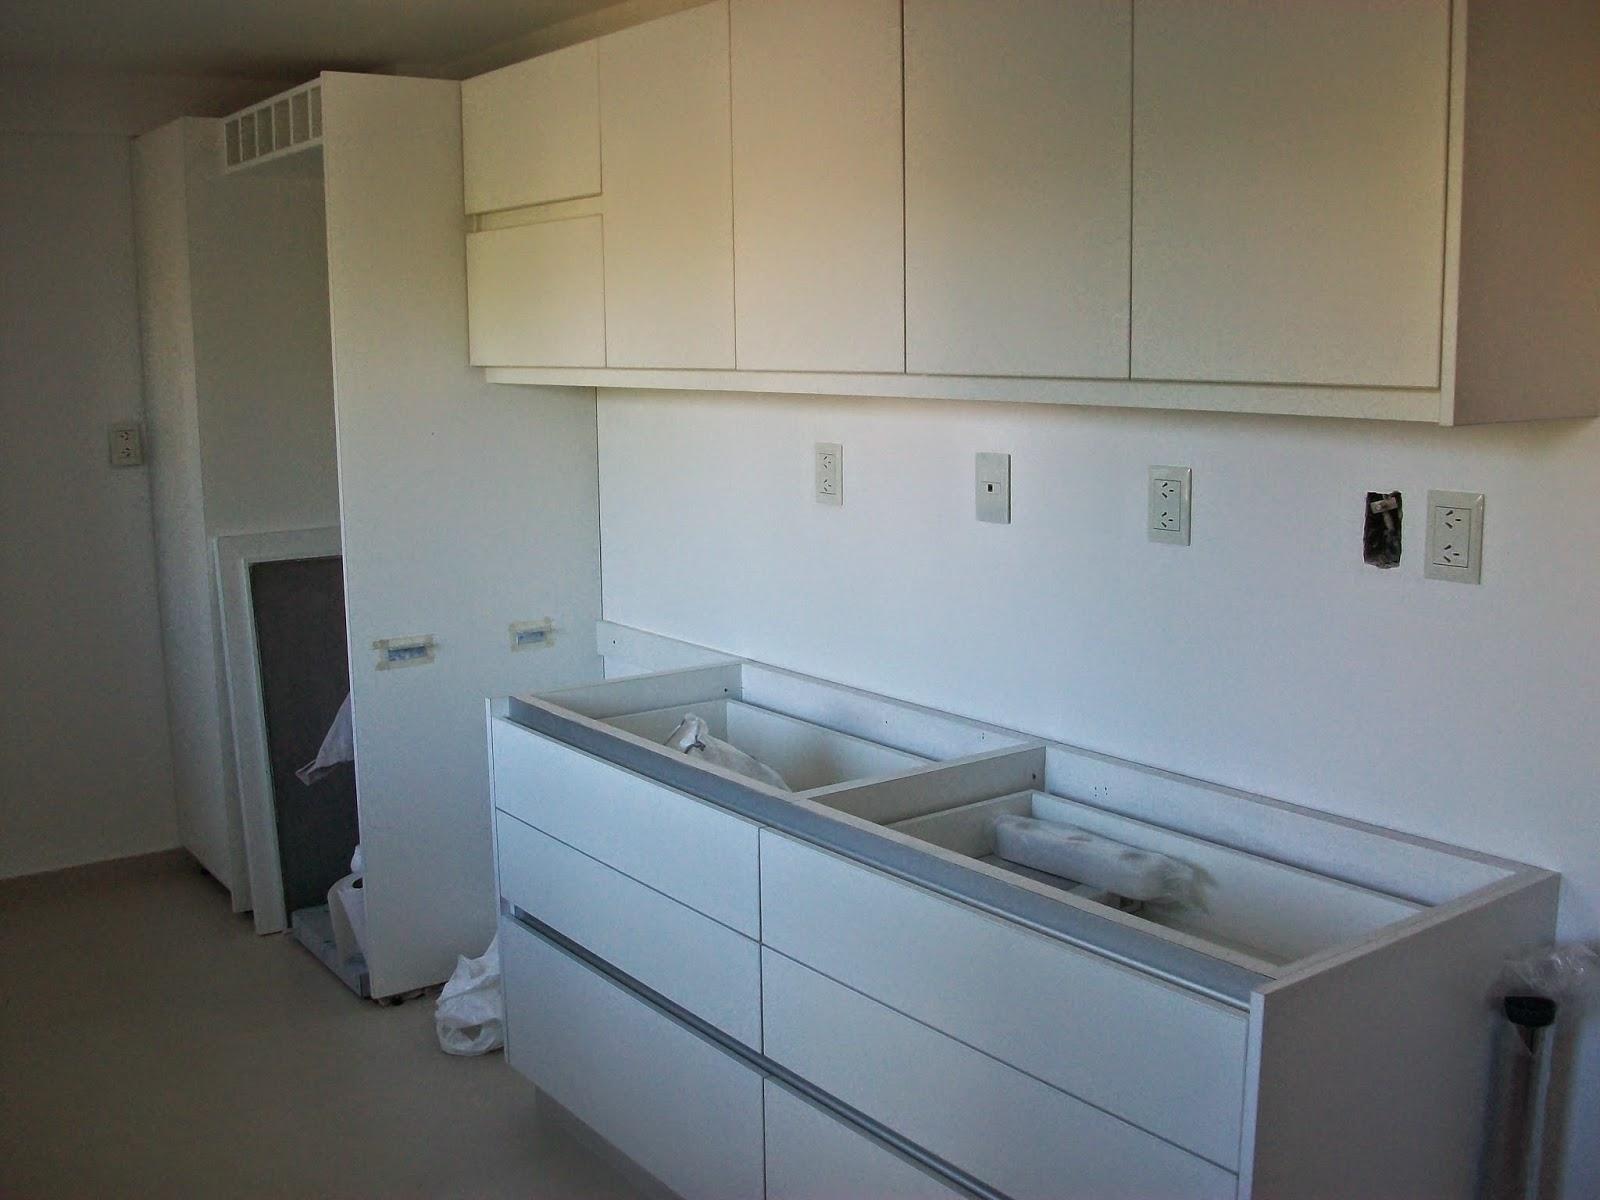 Muebles de cocina en melamina blanca ideas for Severino muebles cocina alacena melamina blanca